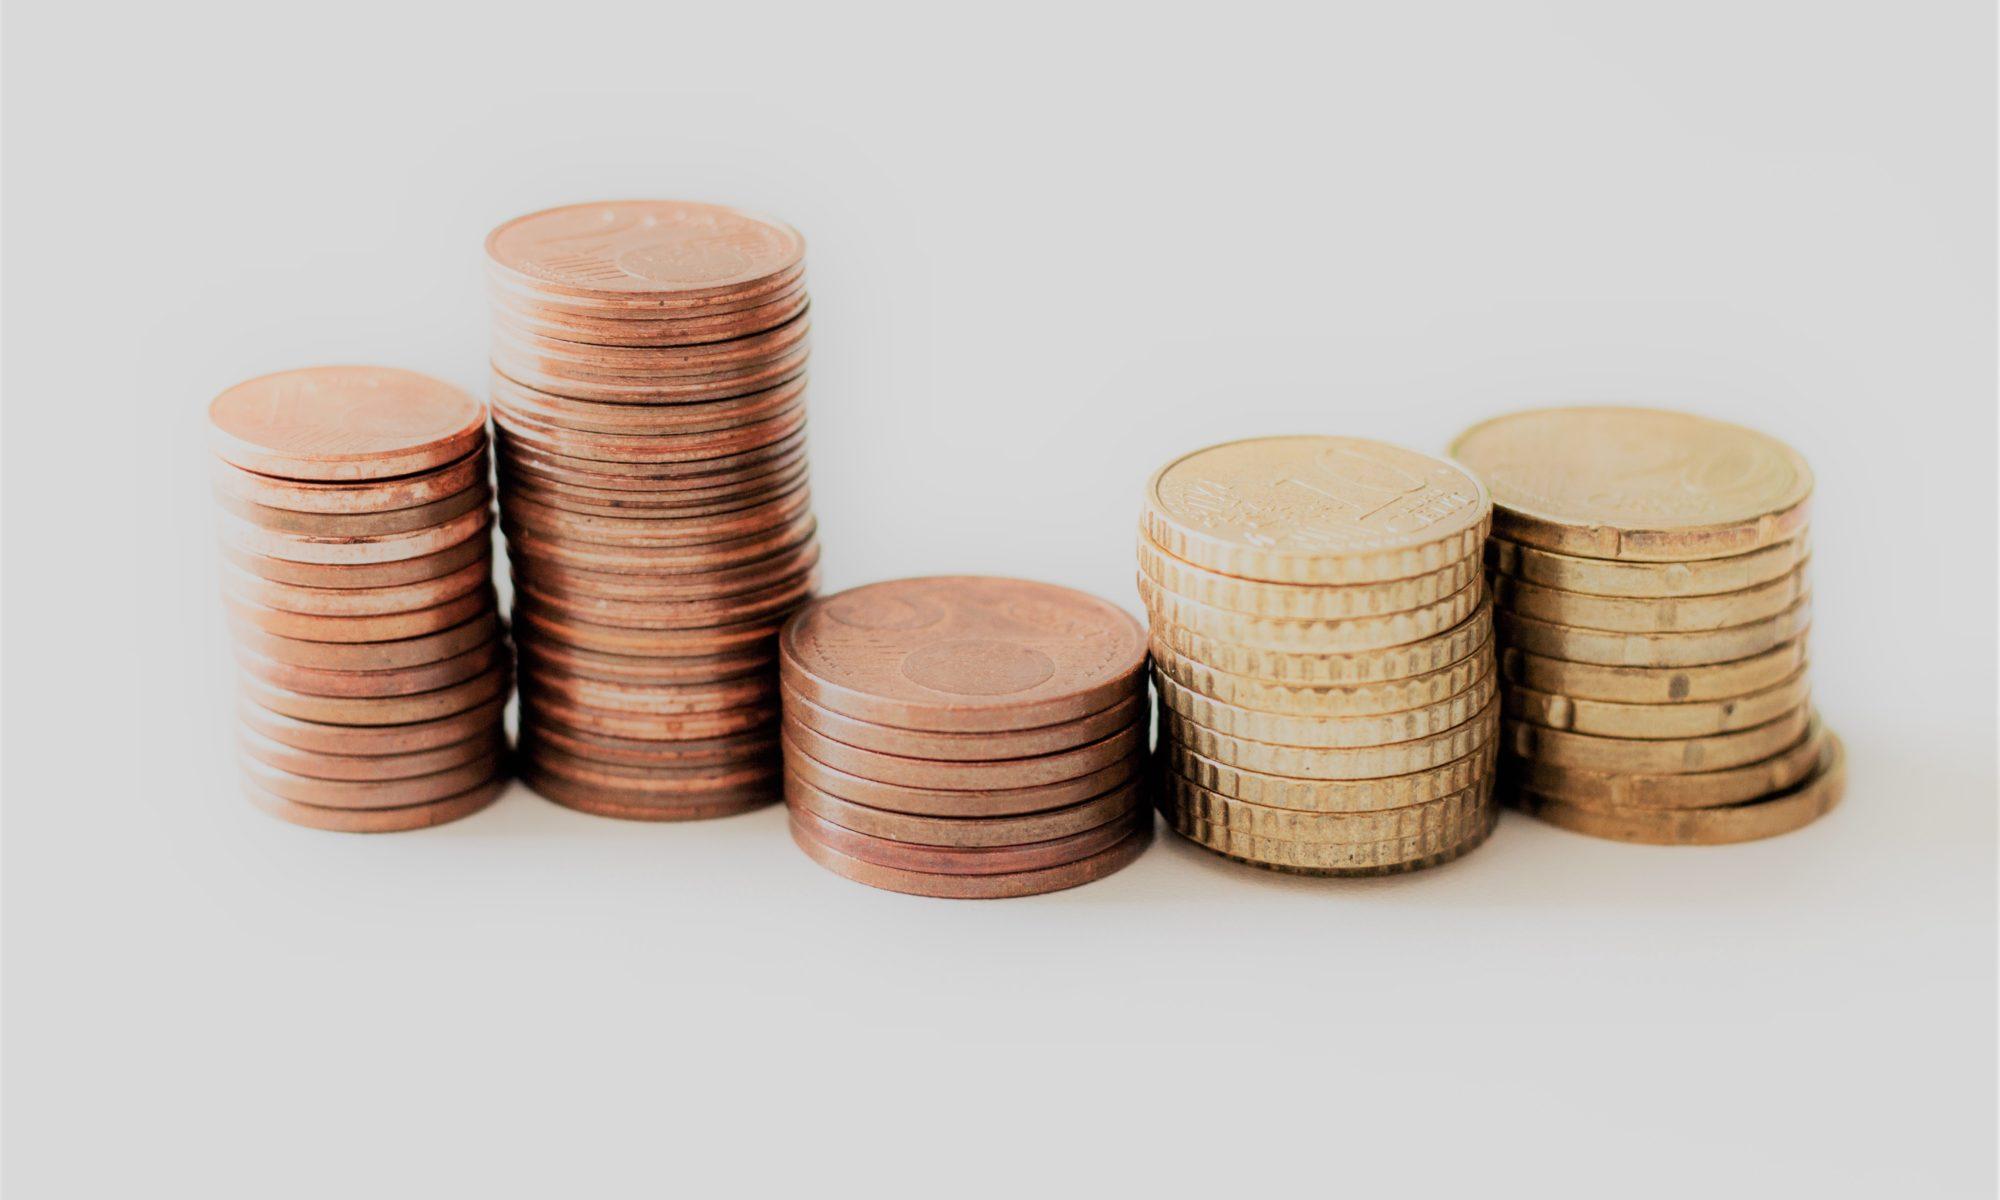 Samassur Comment économiser de l'argent sur l'assurance vie